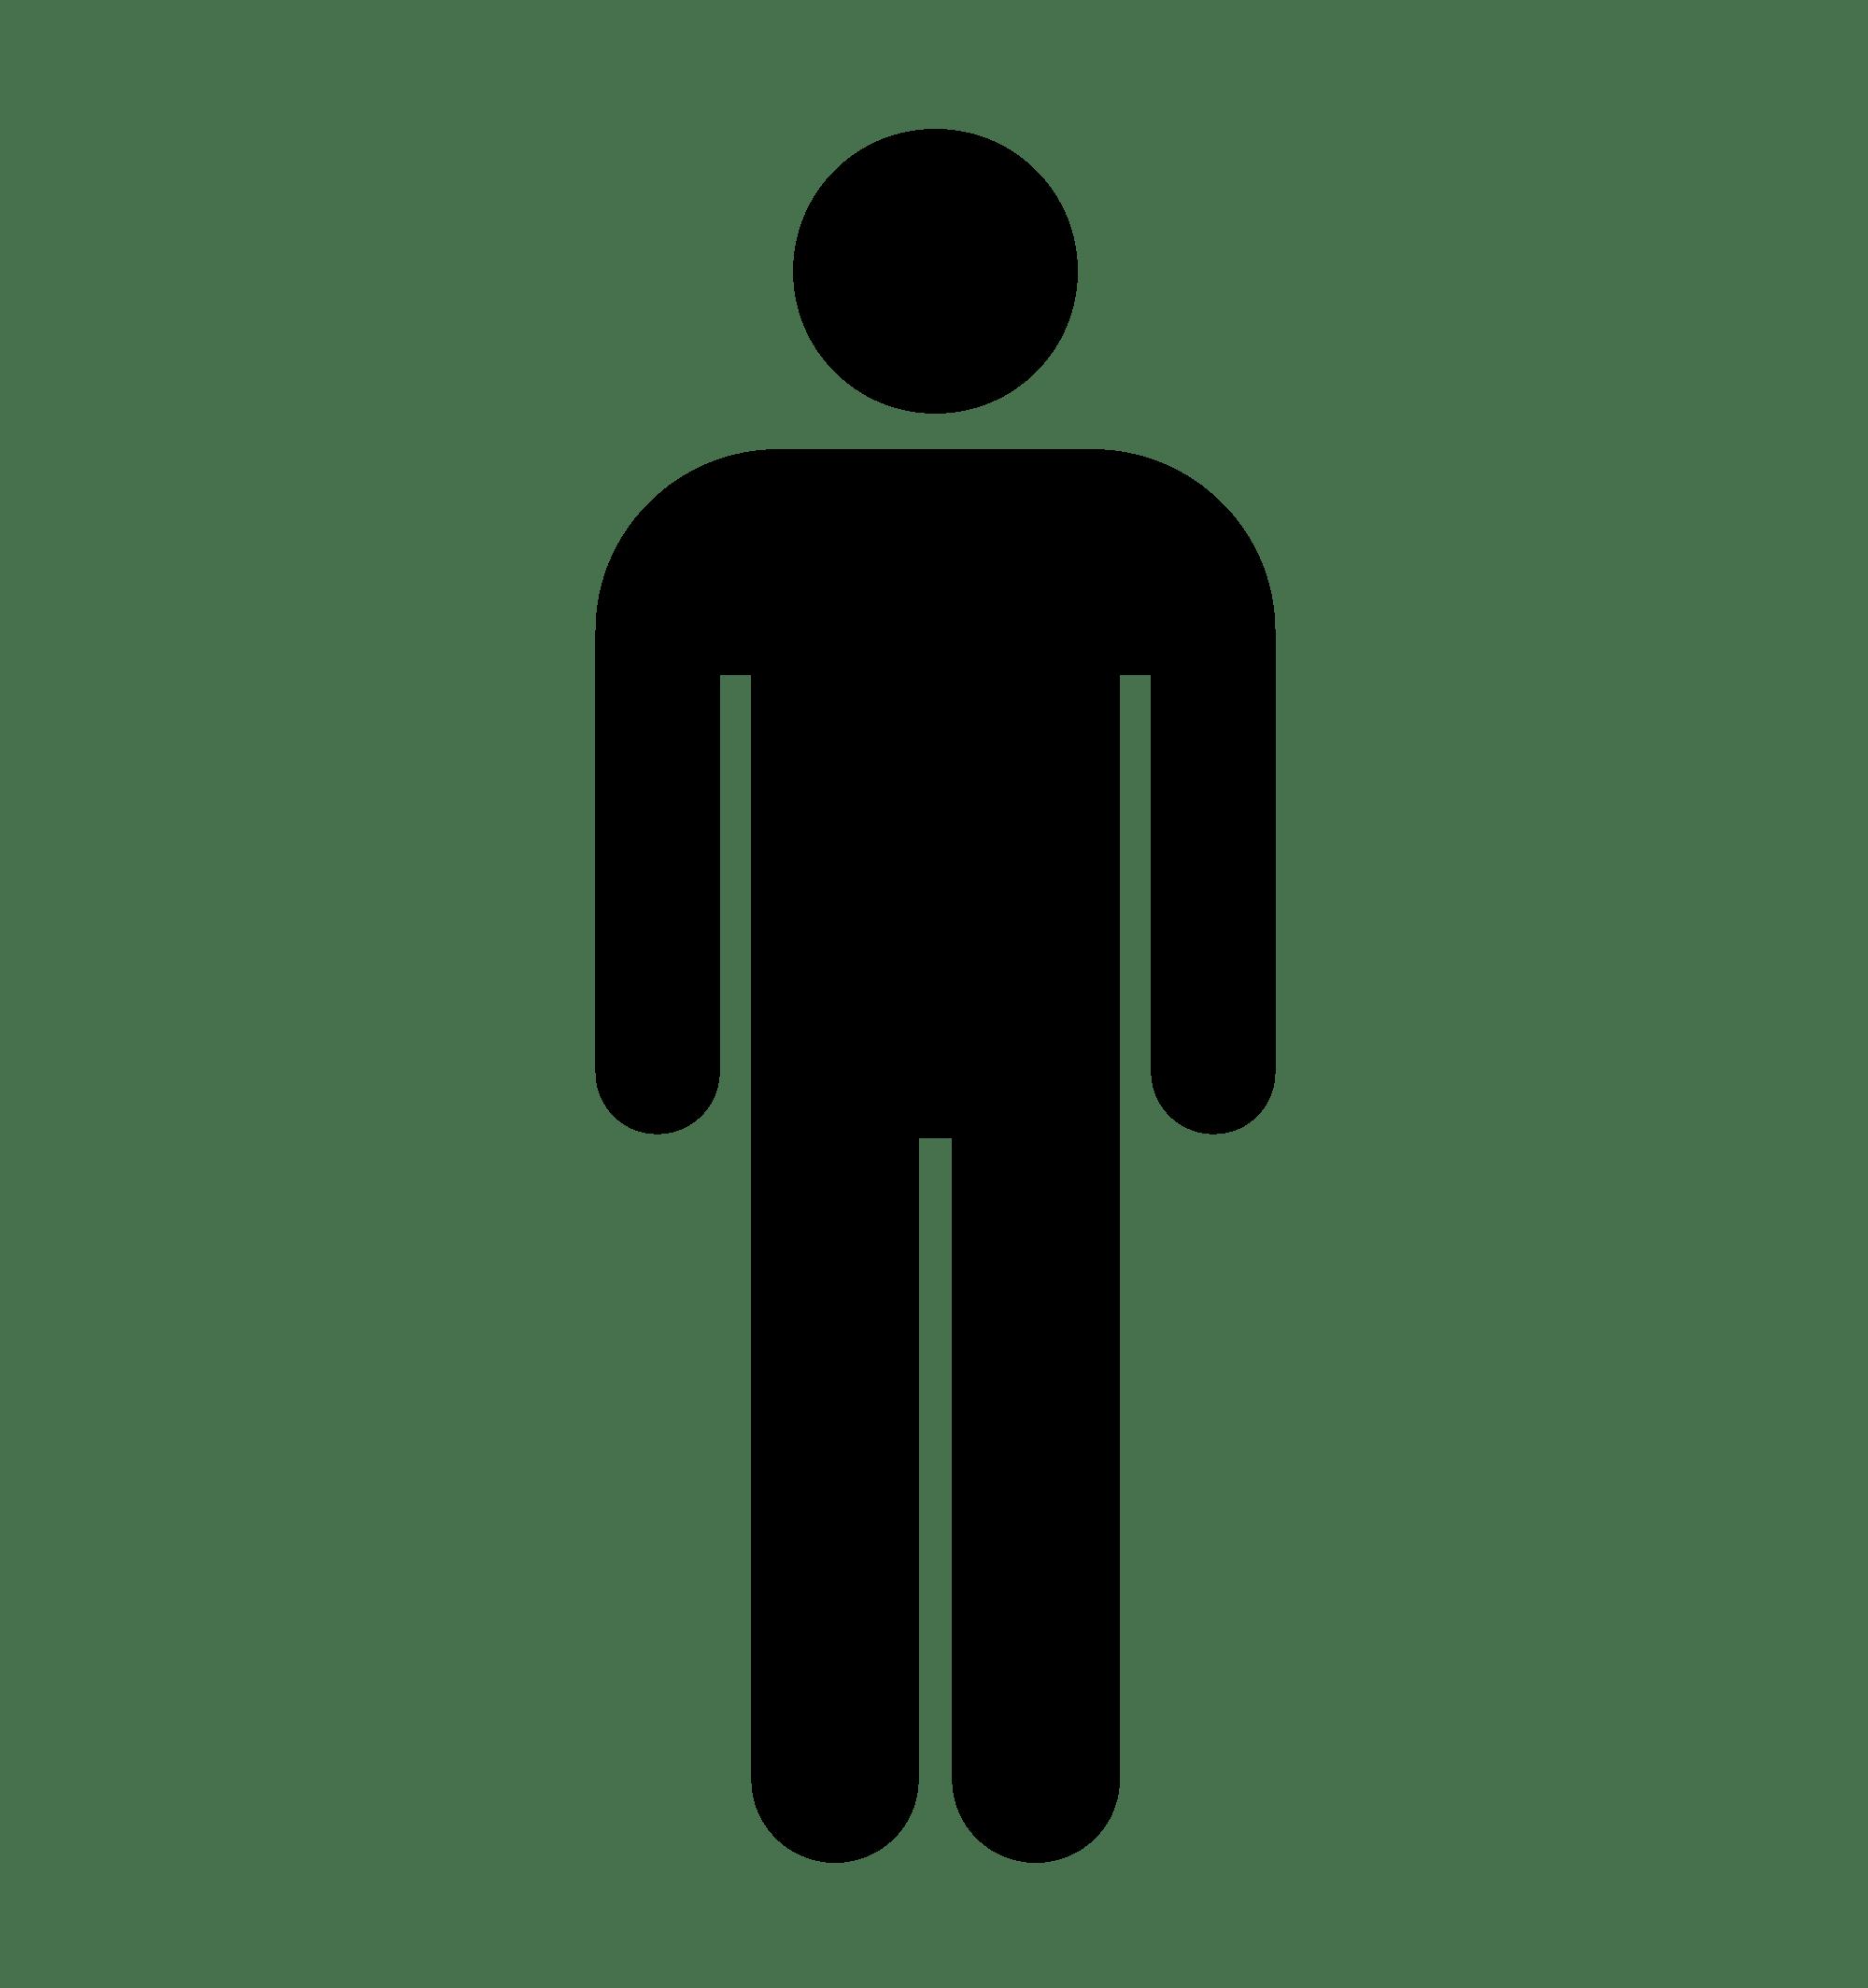 Person icon clipart 2 » Clipart Portal.